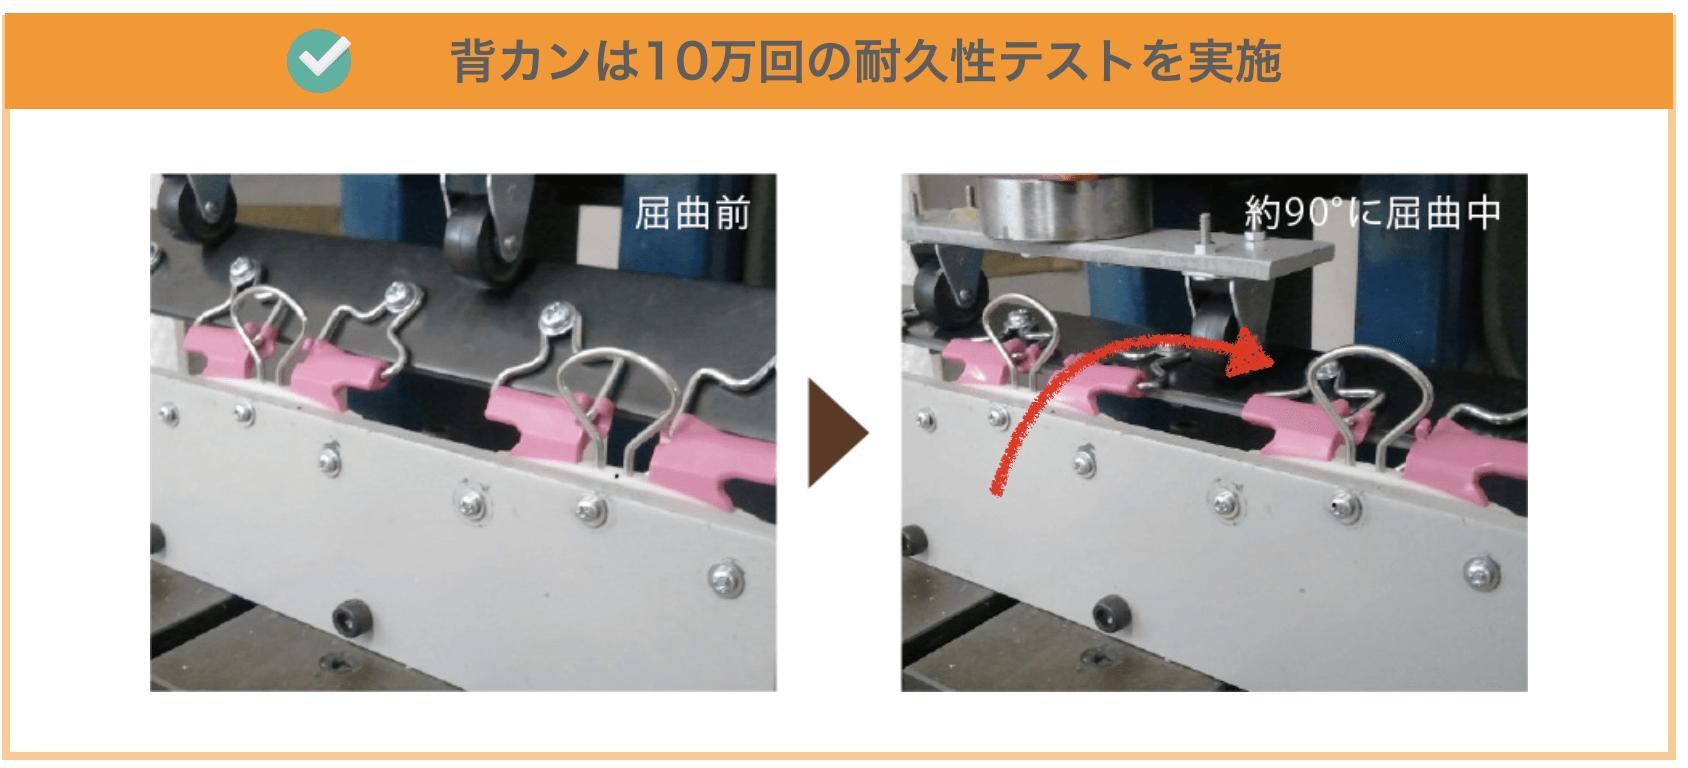 フィットちゃんの背カンの耐久テスト